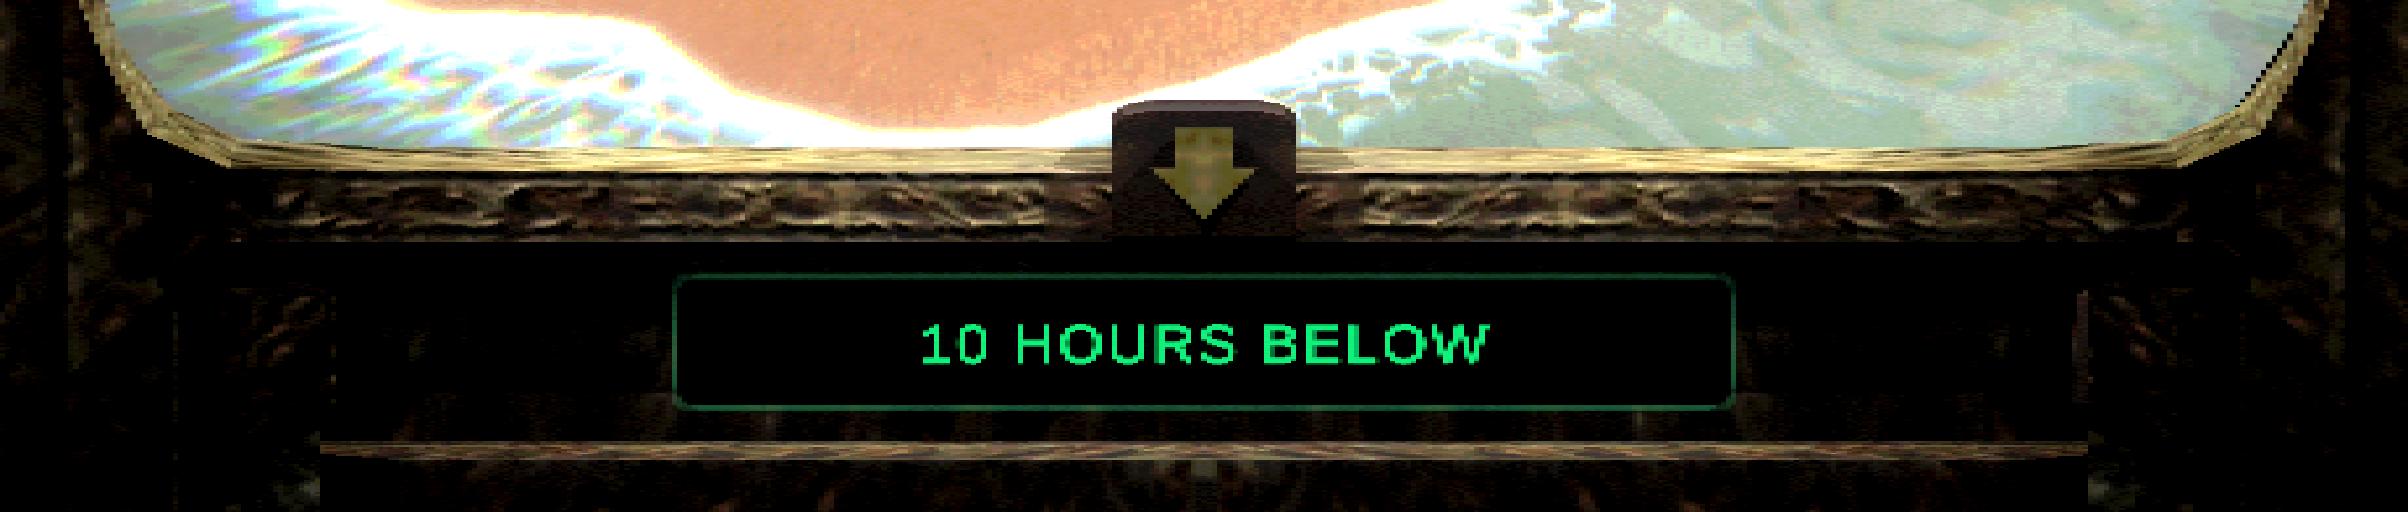 10 HOURS BELOW